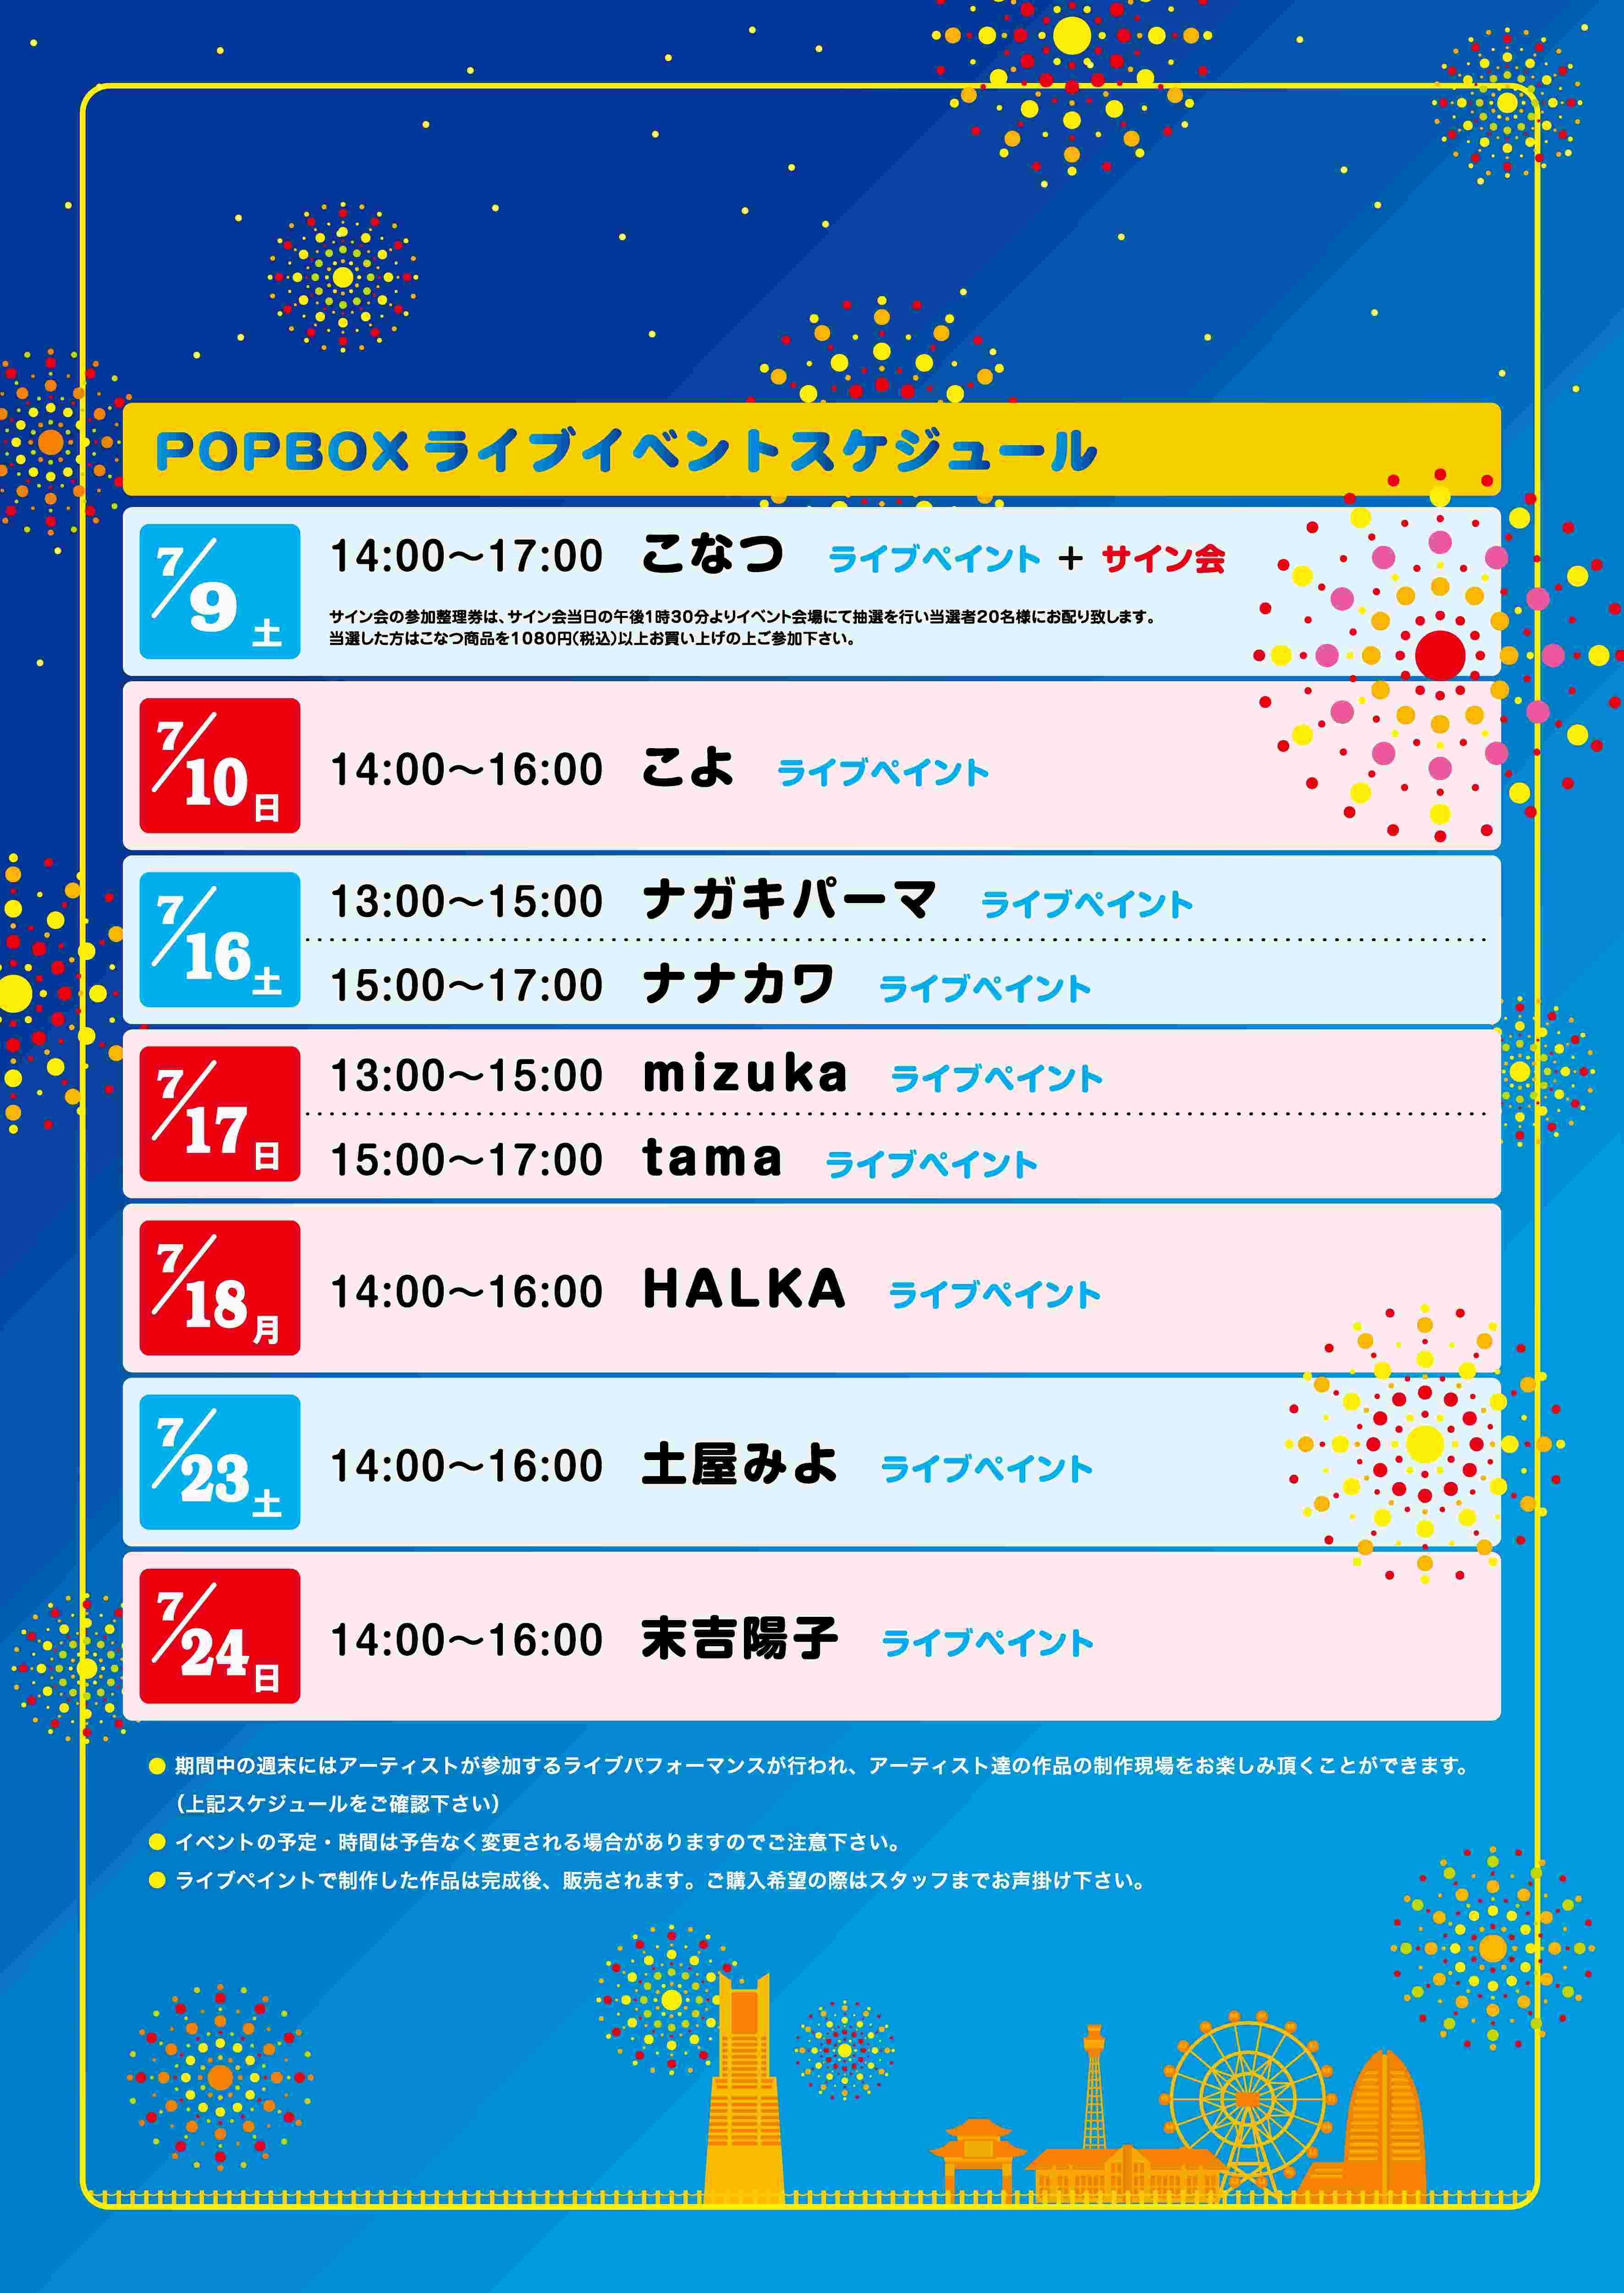 7/5~7/26 横浜ロフト《POPBOX》開催のお知らせ_f0010033_22184951.jpg